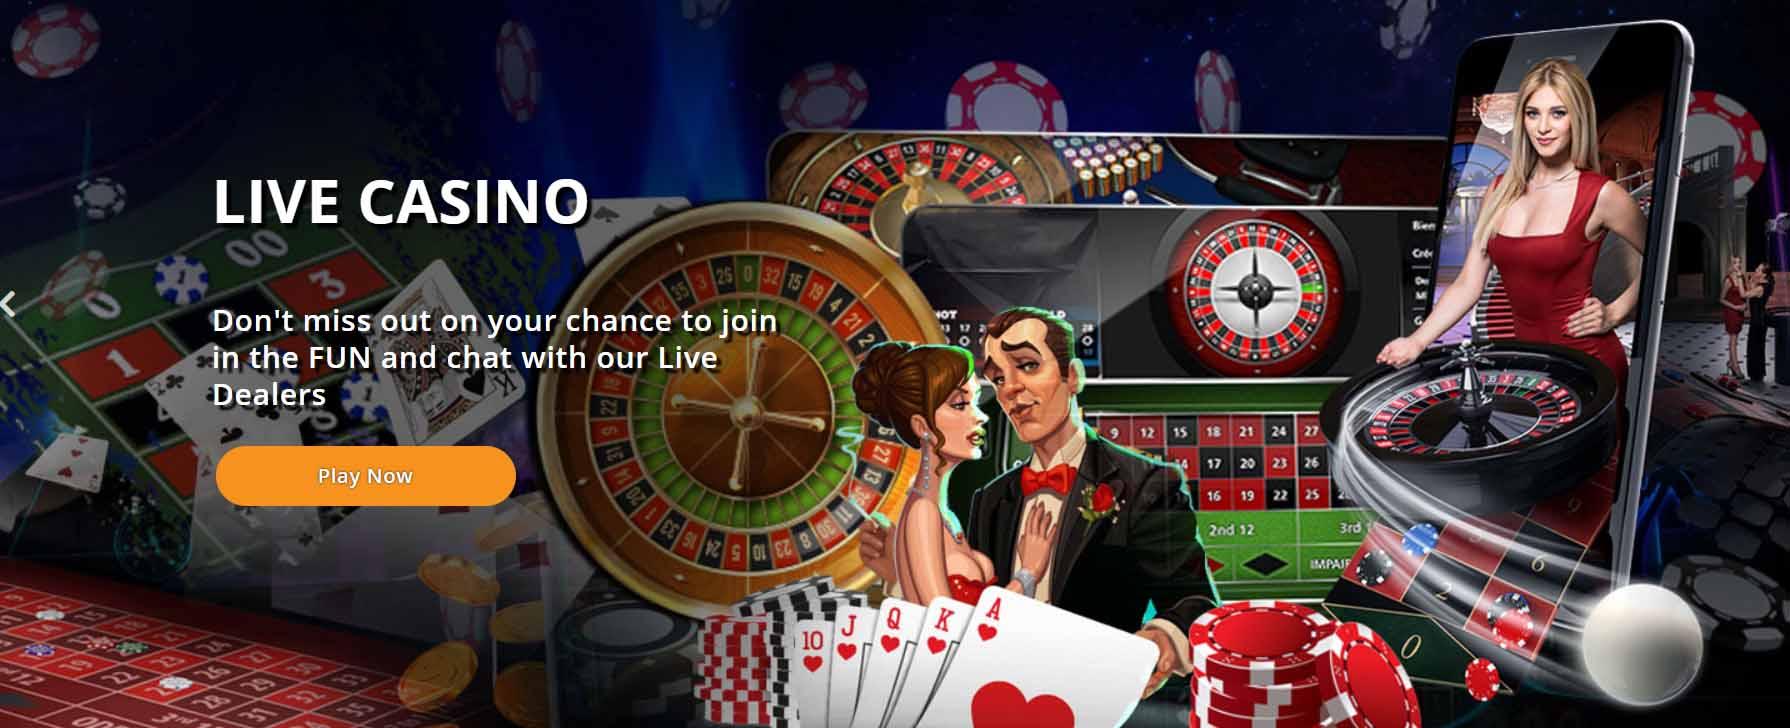 Casino765 Review live cas